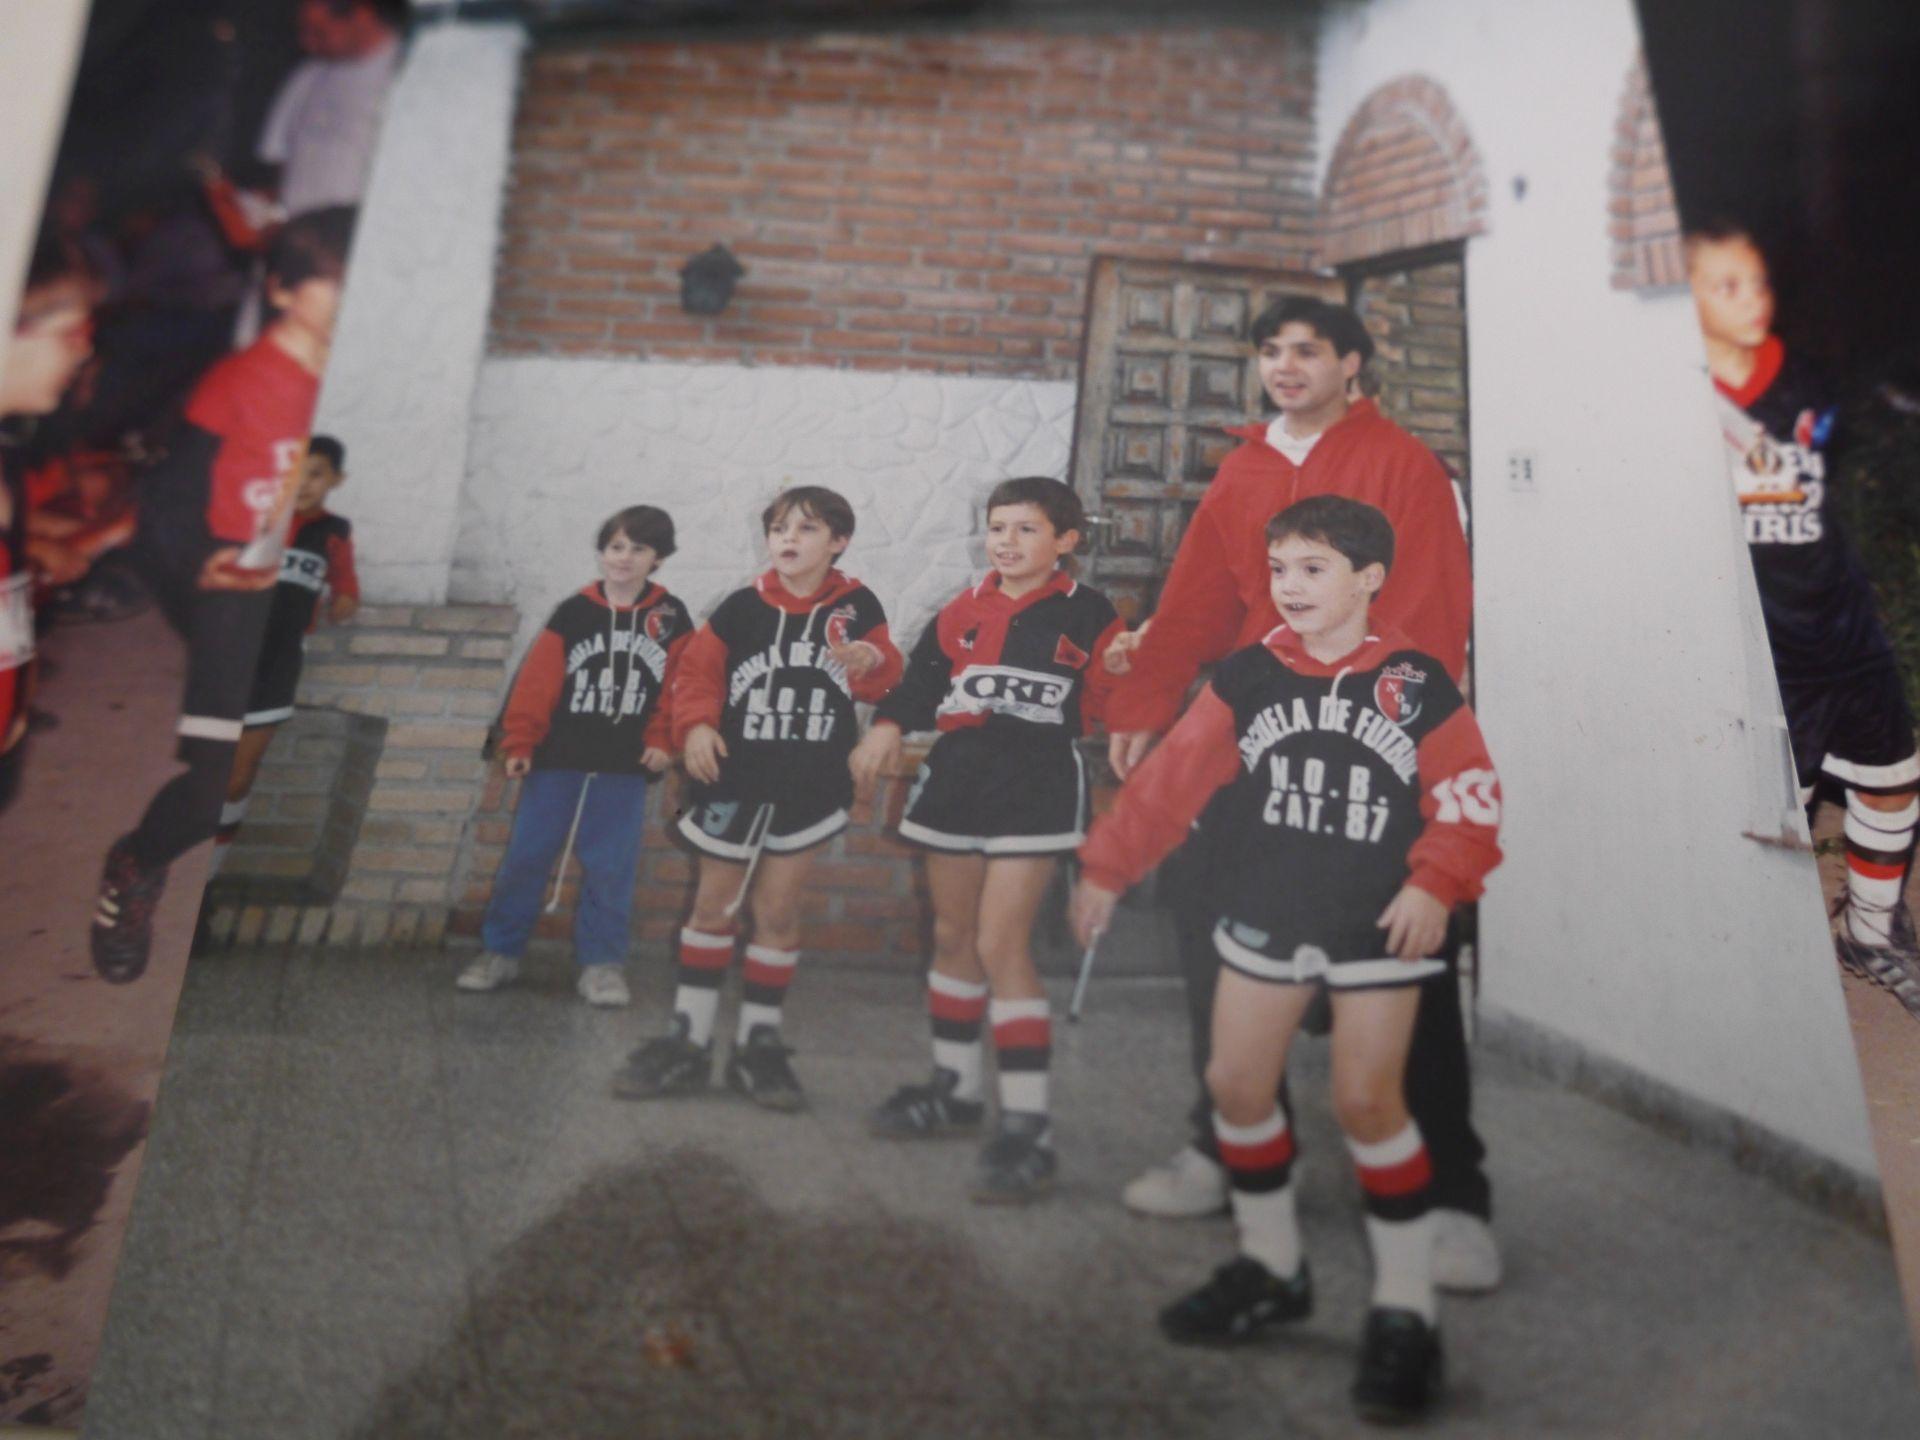 Newells -  w tym klubie zaczął grać w piłkę nożną Leo Messi (na zdjęciu w niebieskich spodniach). Zdjęcie z kolekcji Agustina (fot. Intoamericas.com)